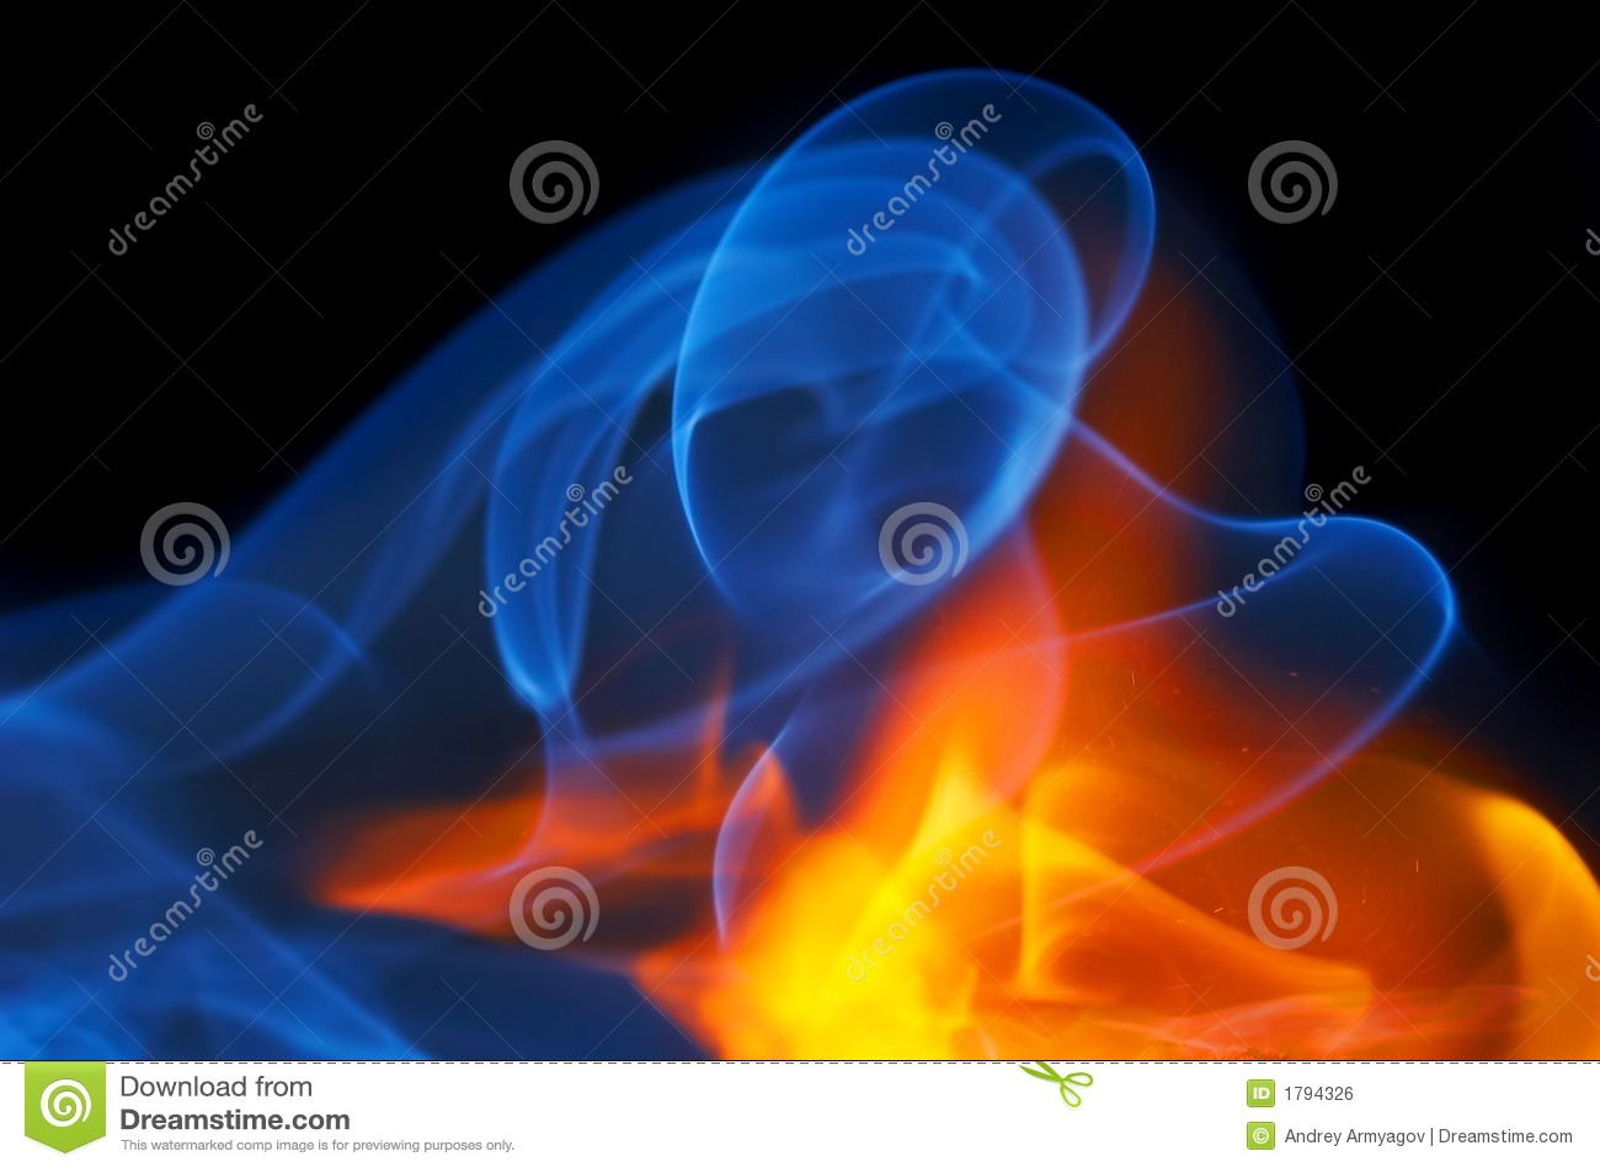 Foto des Feuers mit einem Rauche auf einem schwarzen Hintergrund